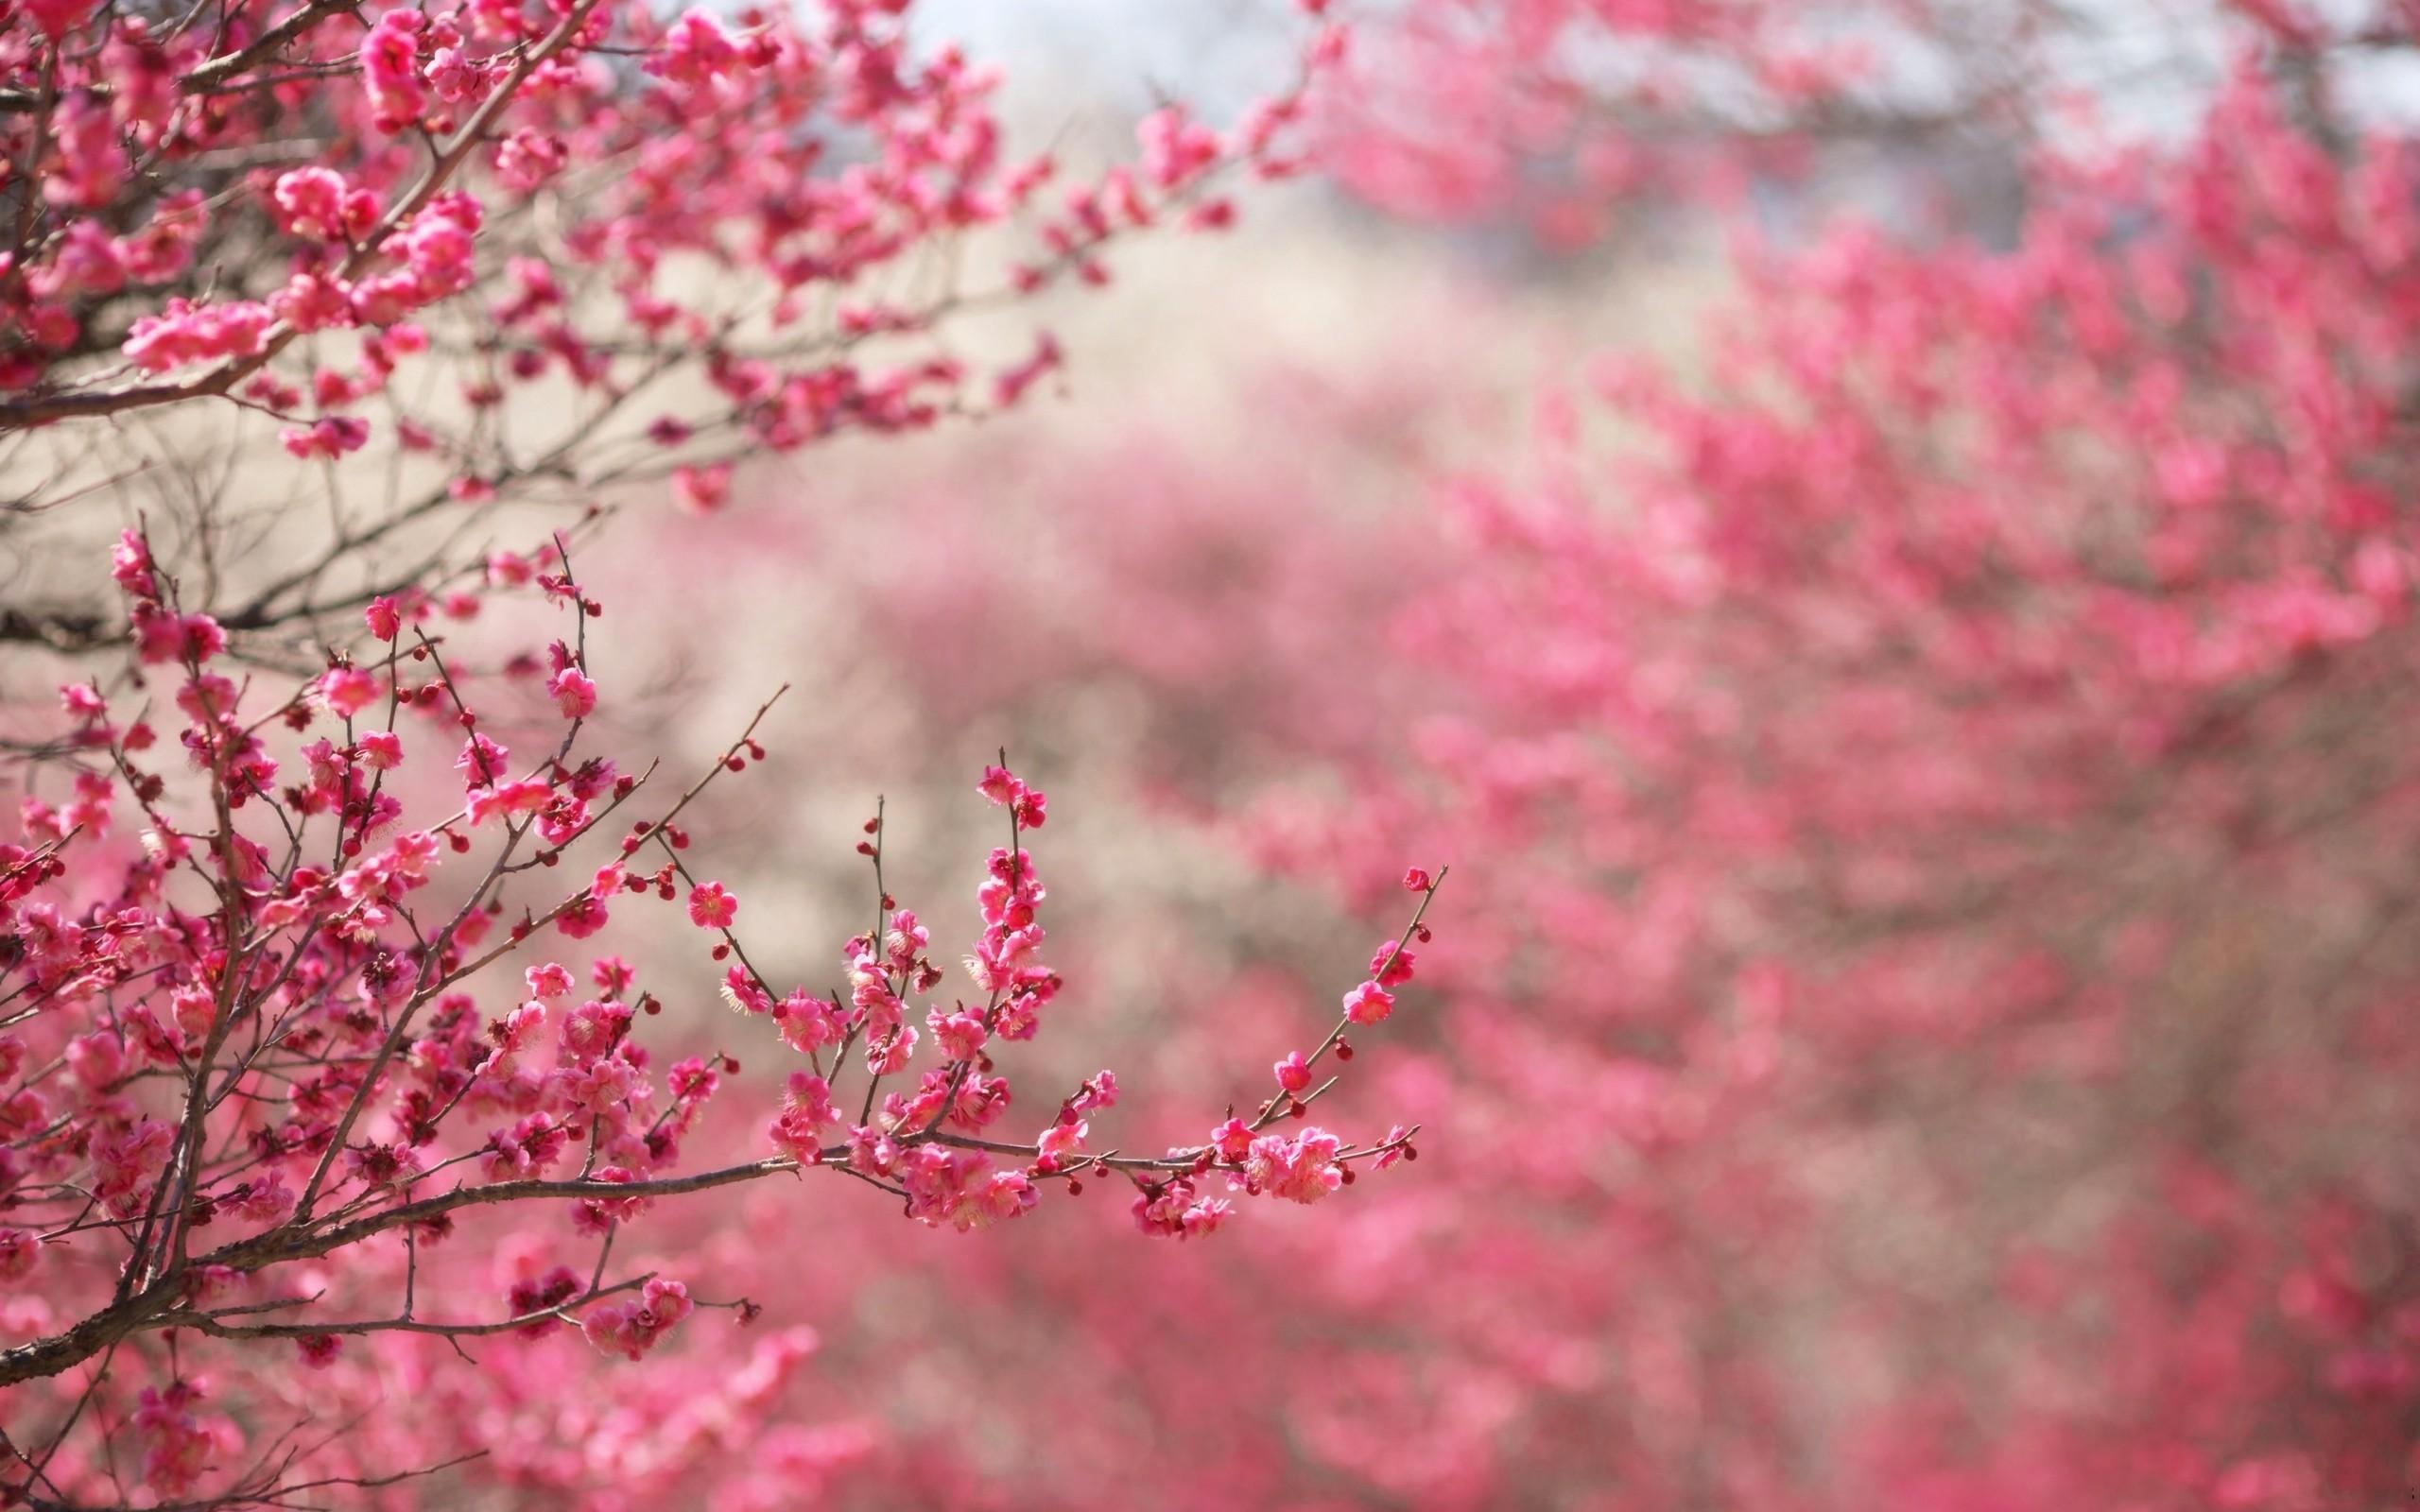 Il significato simbolico dell'equinozio di primavera